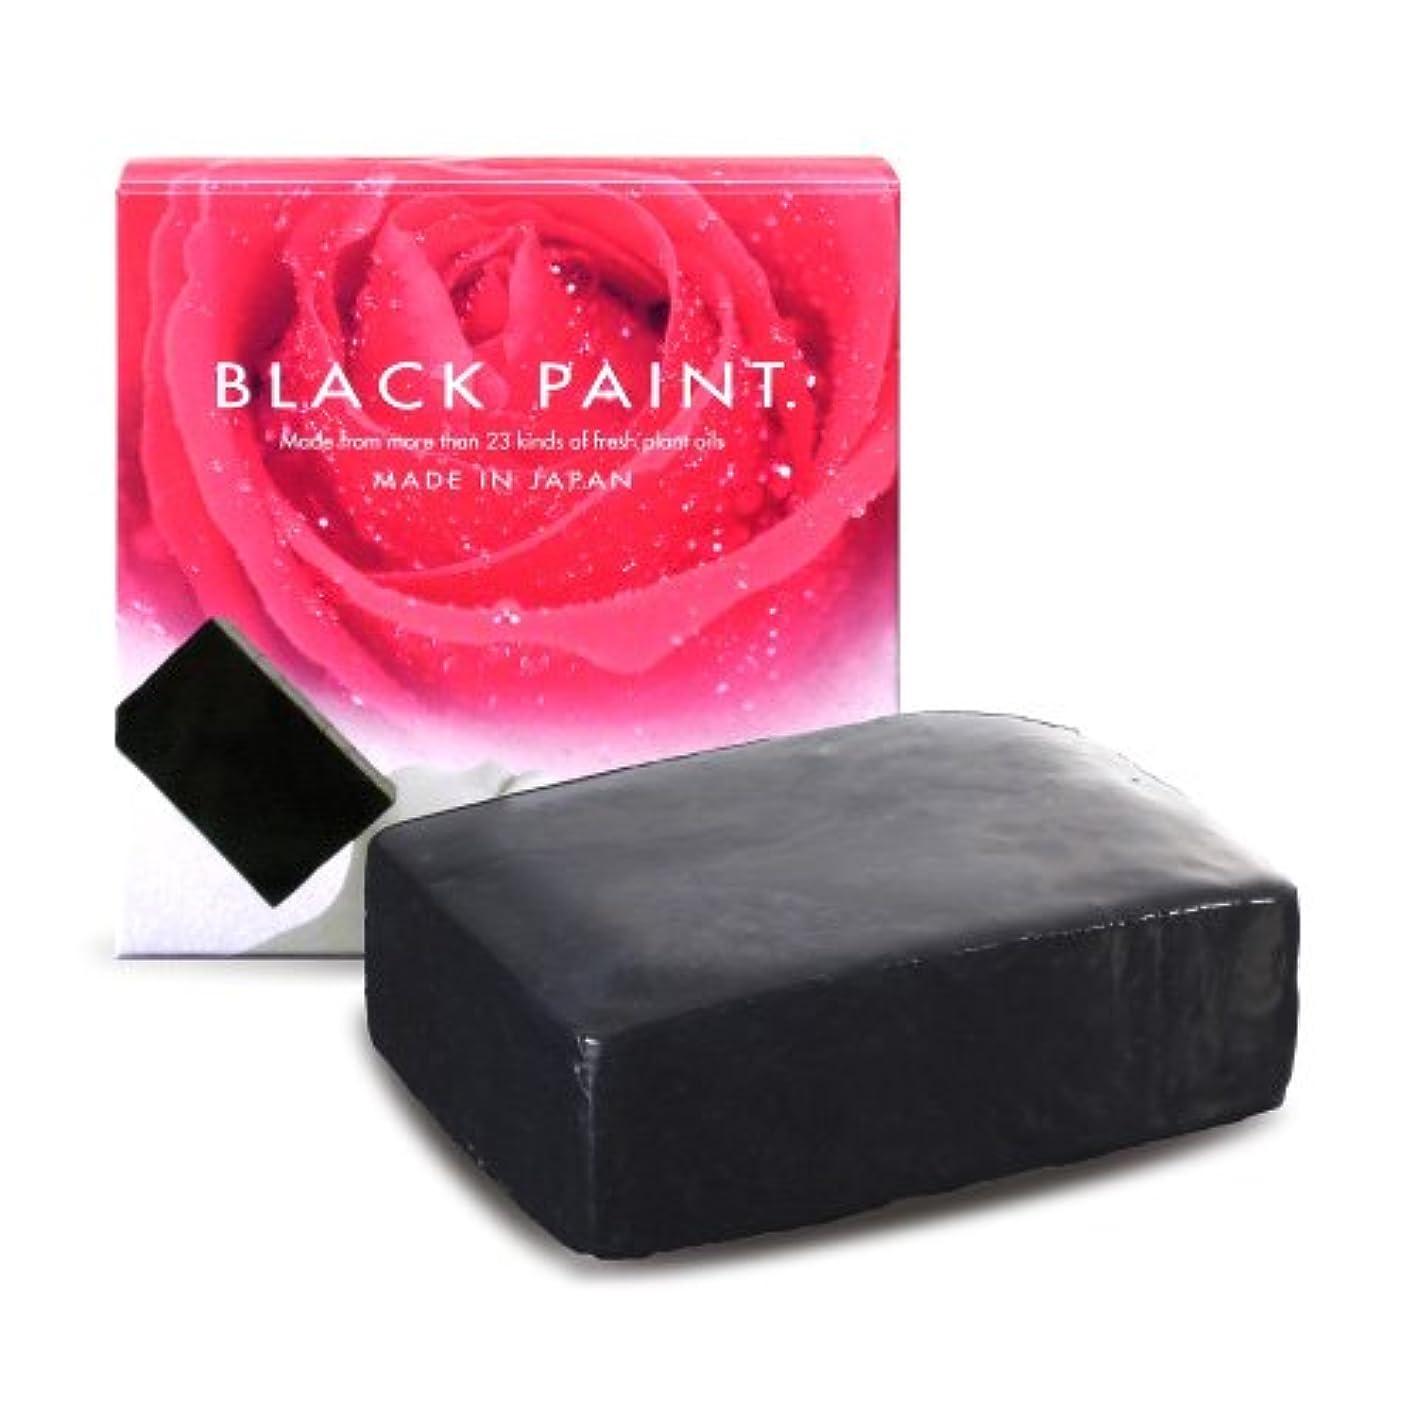 性能偶然億ブラックペイント 120g 塗る洗顔 石鹸 無添加 国産